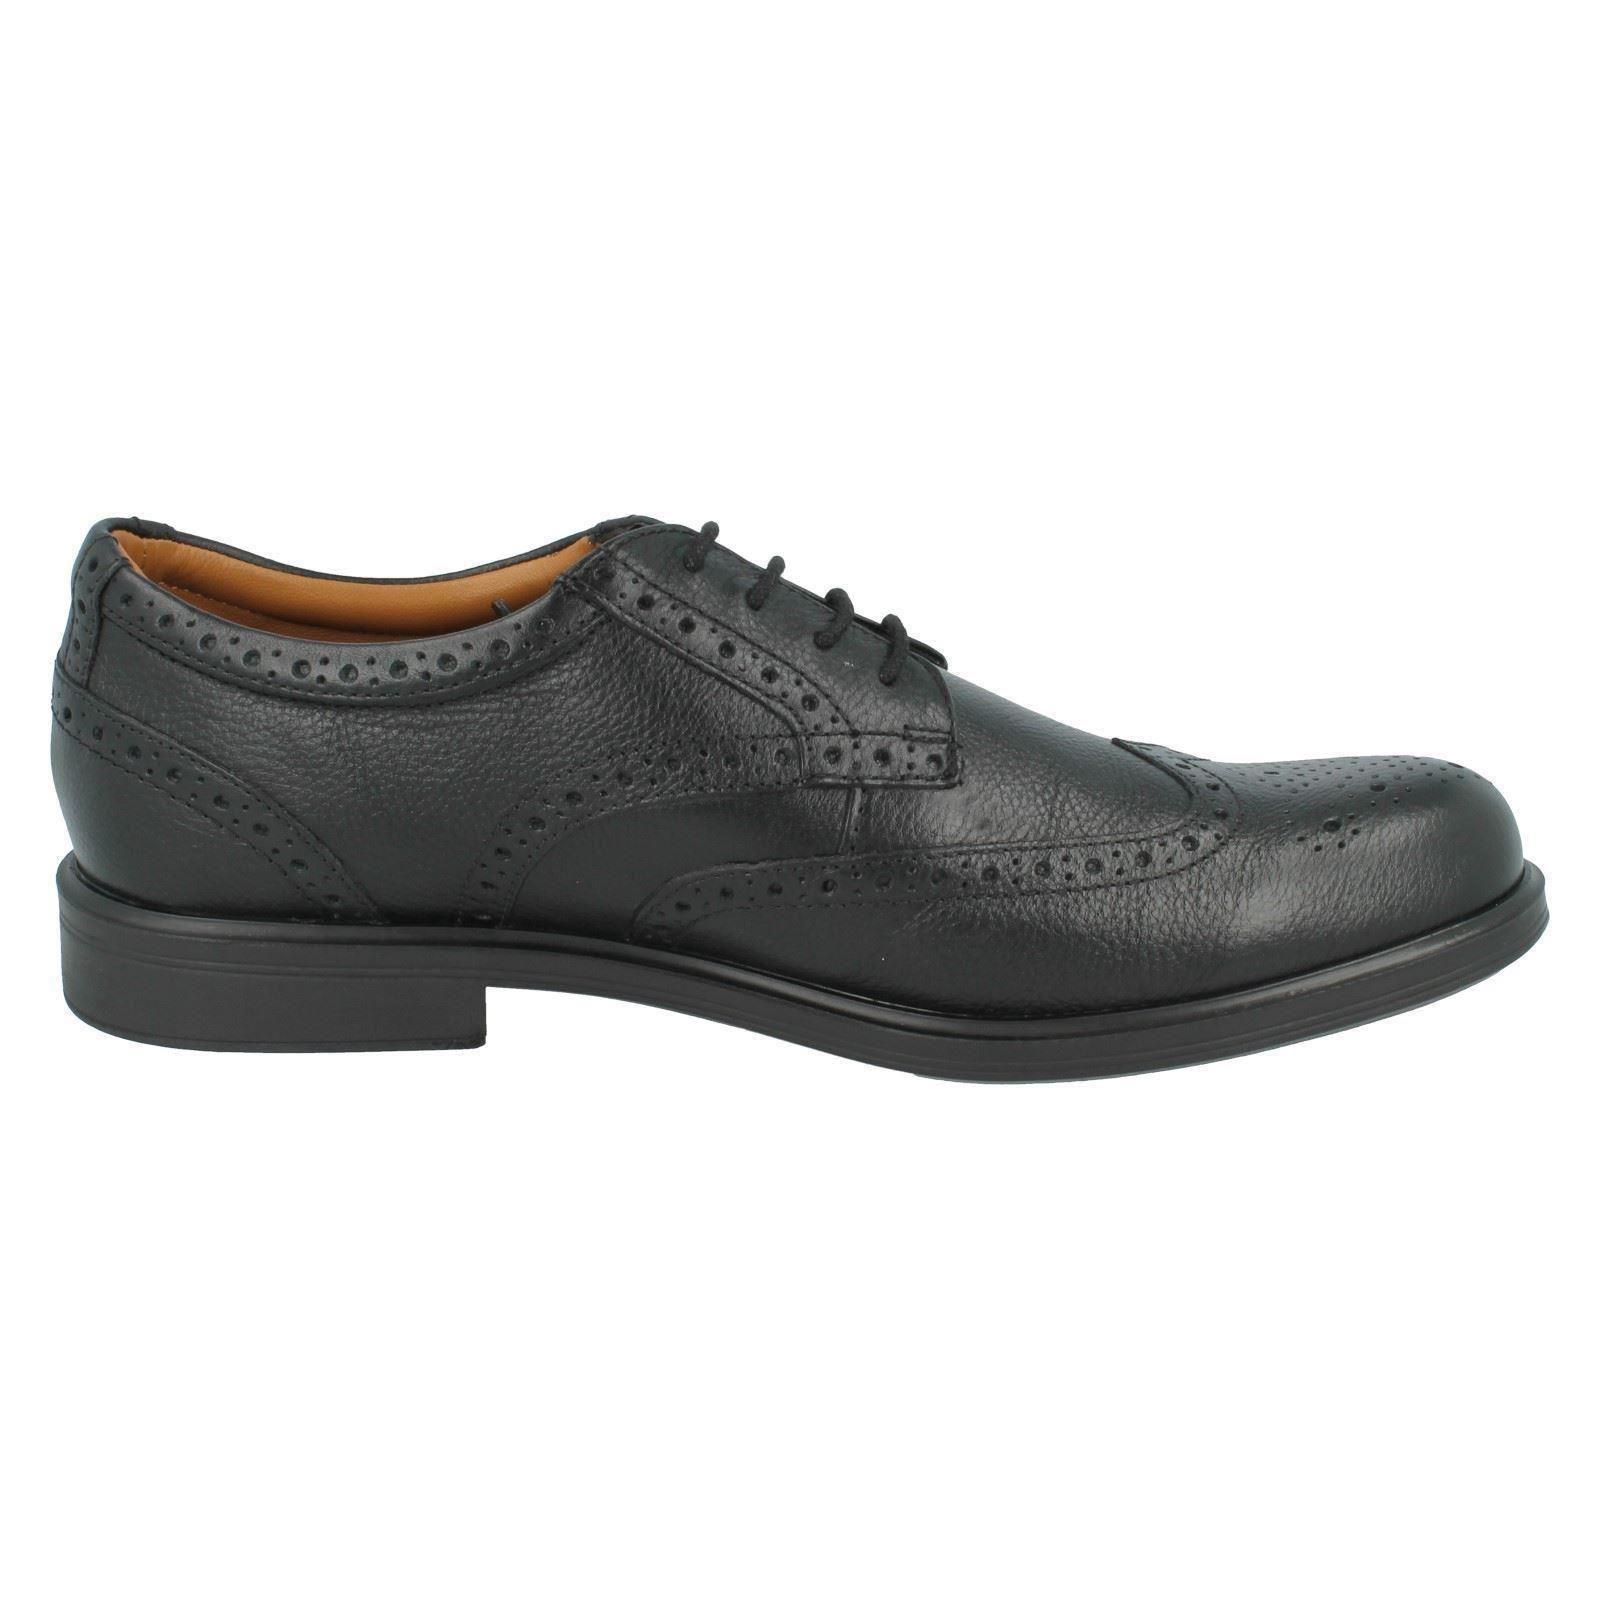 Men's Shoes Clarks Fomal Shoes Men's Label  Gabson Limit 265f29